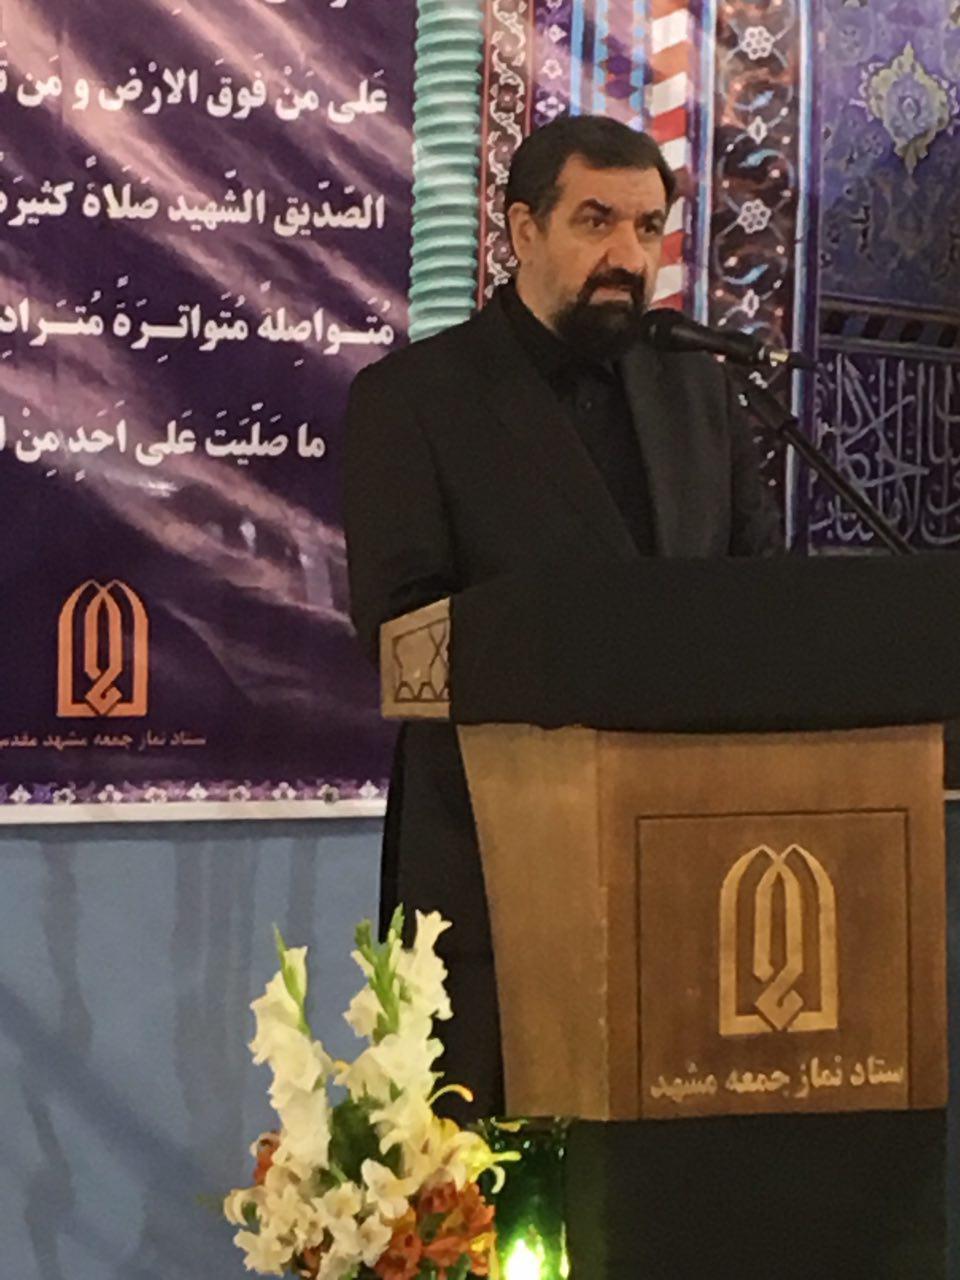 محسن رضايی: انقلاب اسلامی ایران در مقابل تهدیدها یک فناوری چهار مرحلهای دارد / دشمن میگفت تحریمها شش ماهه مردم را به گرسنگی میاندازد اما سه در مدت سه سال هیچ دستاوردی نداشتند و مذاکره کردند